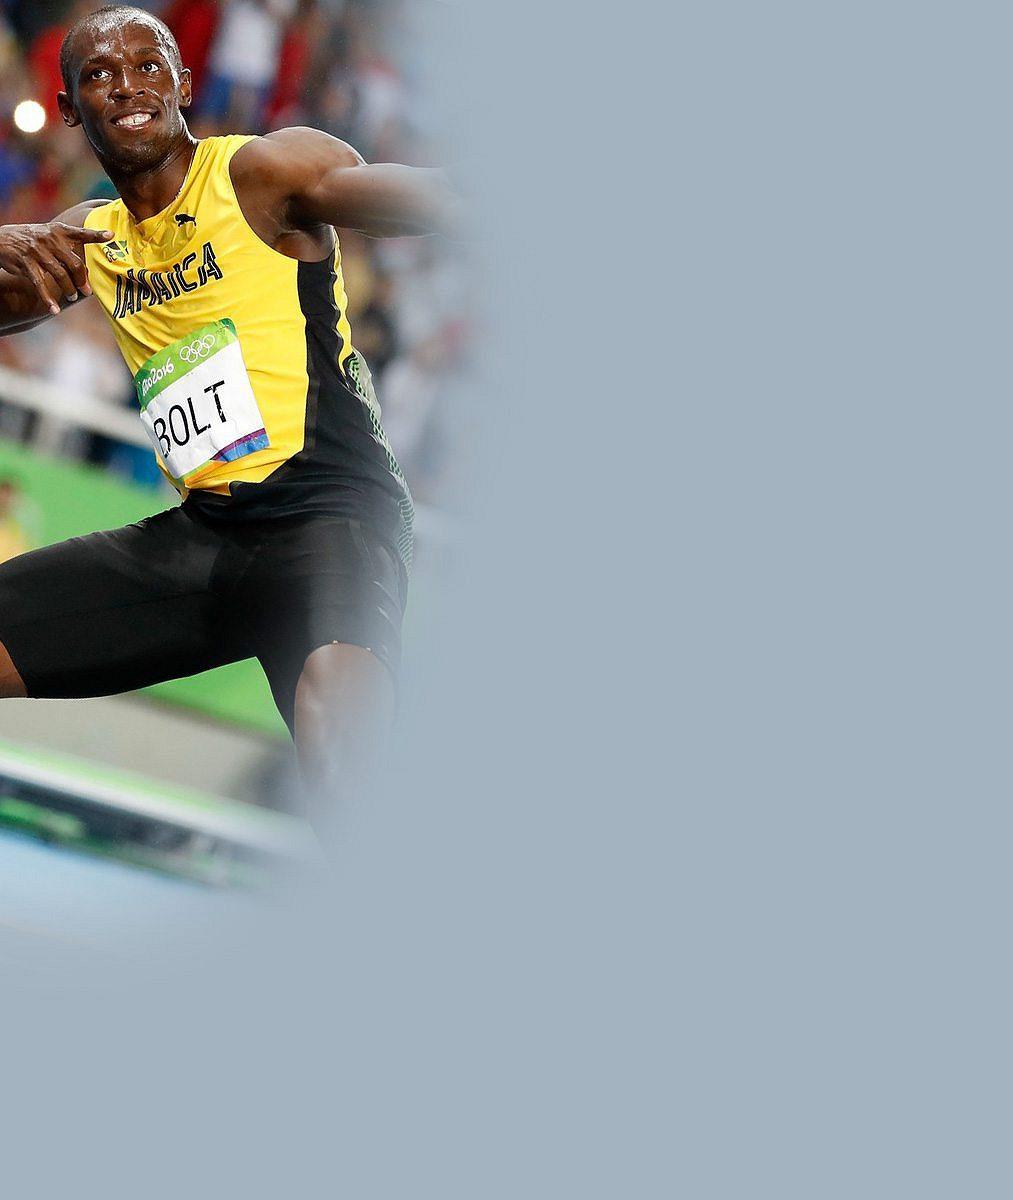 Další noci Usaina Bolta, další holky: Líbačka s jednou, na pokoj s druhou. Přítelkyně mu prý odpustí